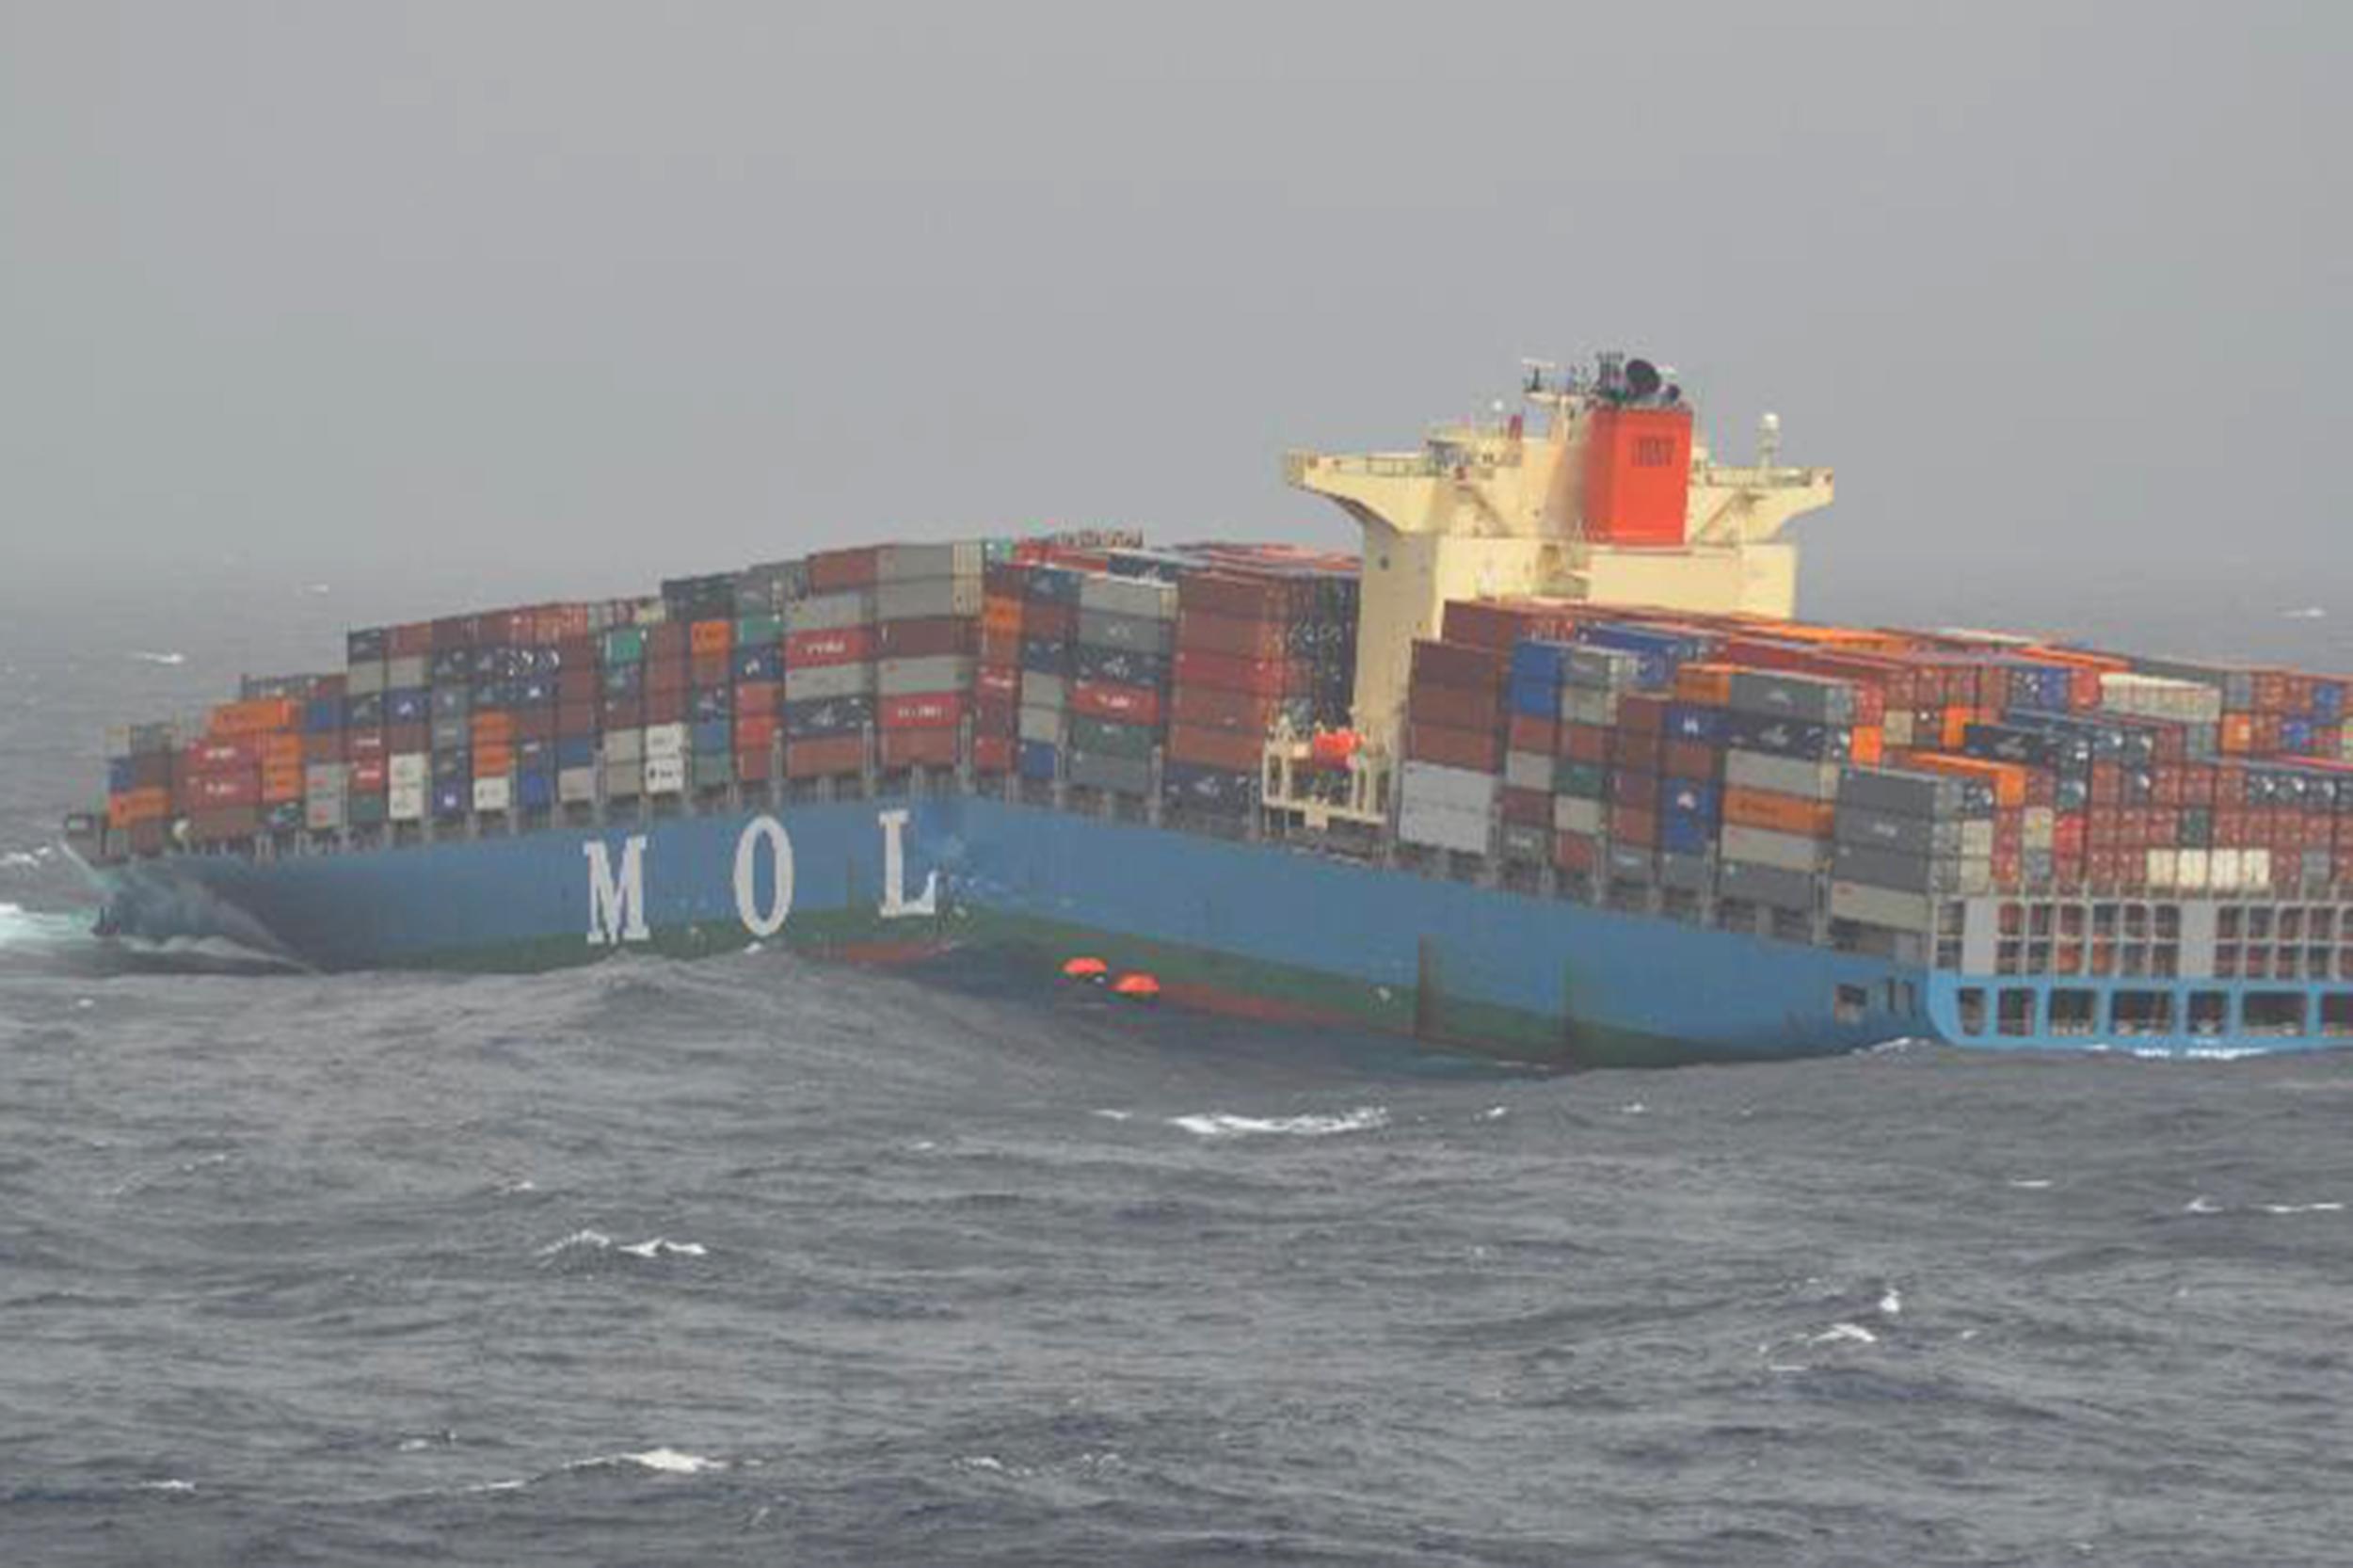 Teherhajókról elveszített konténerek leselkednek a vitorlásokra a világ óceánjain